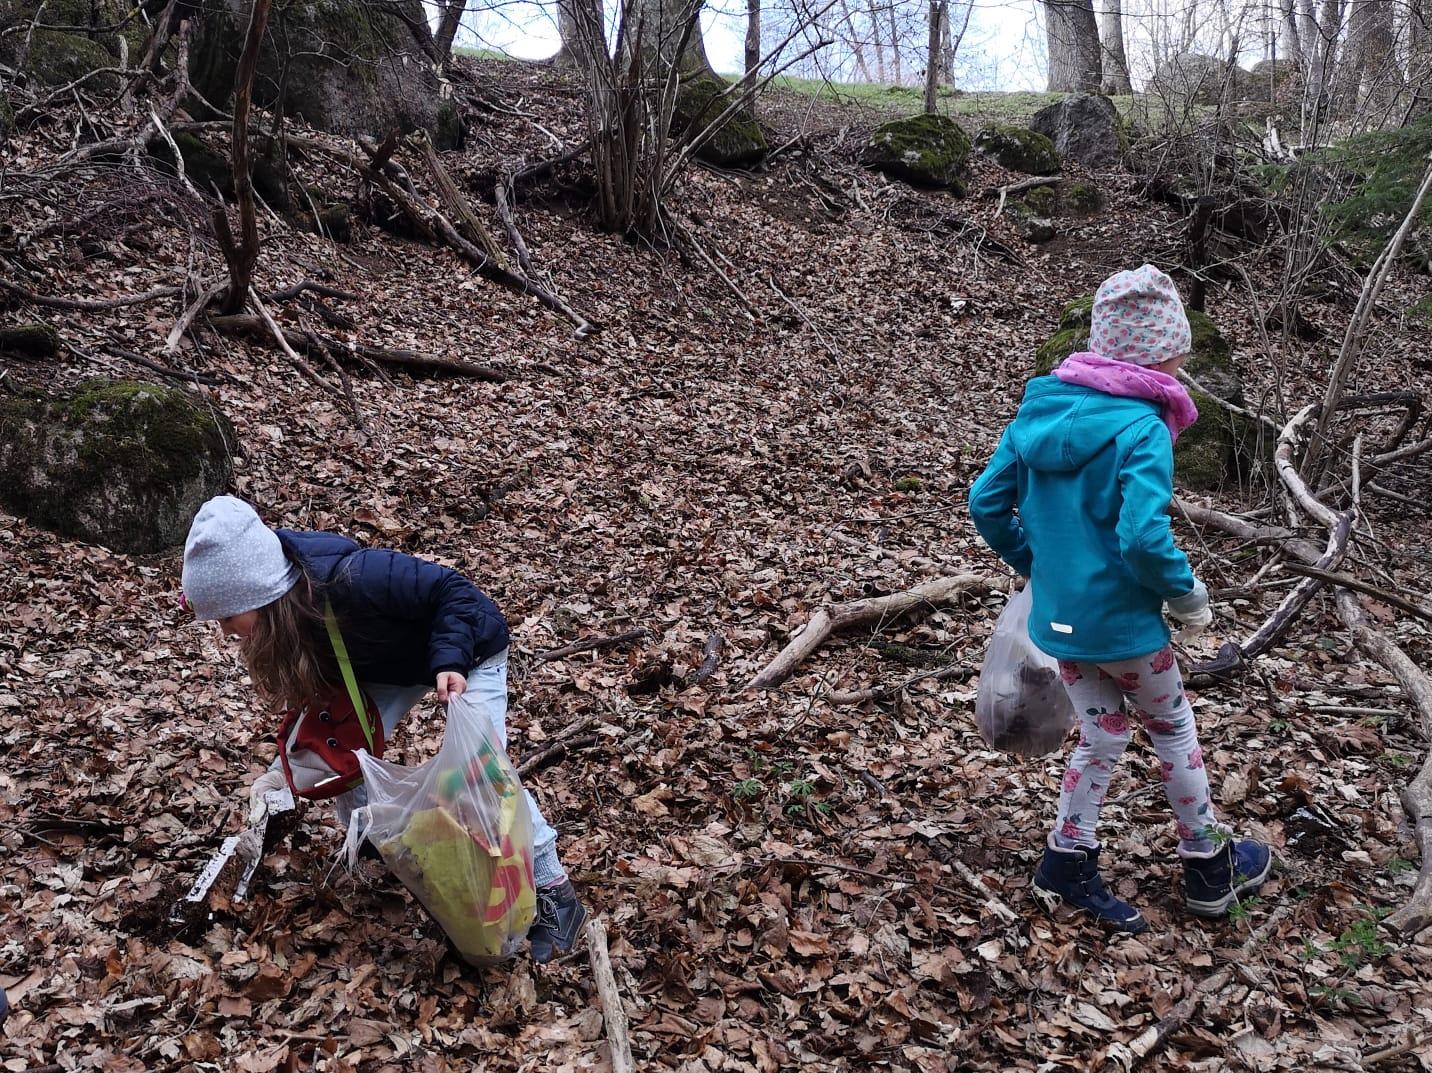 Kinder, die im Wald den Müll aufsammeln